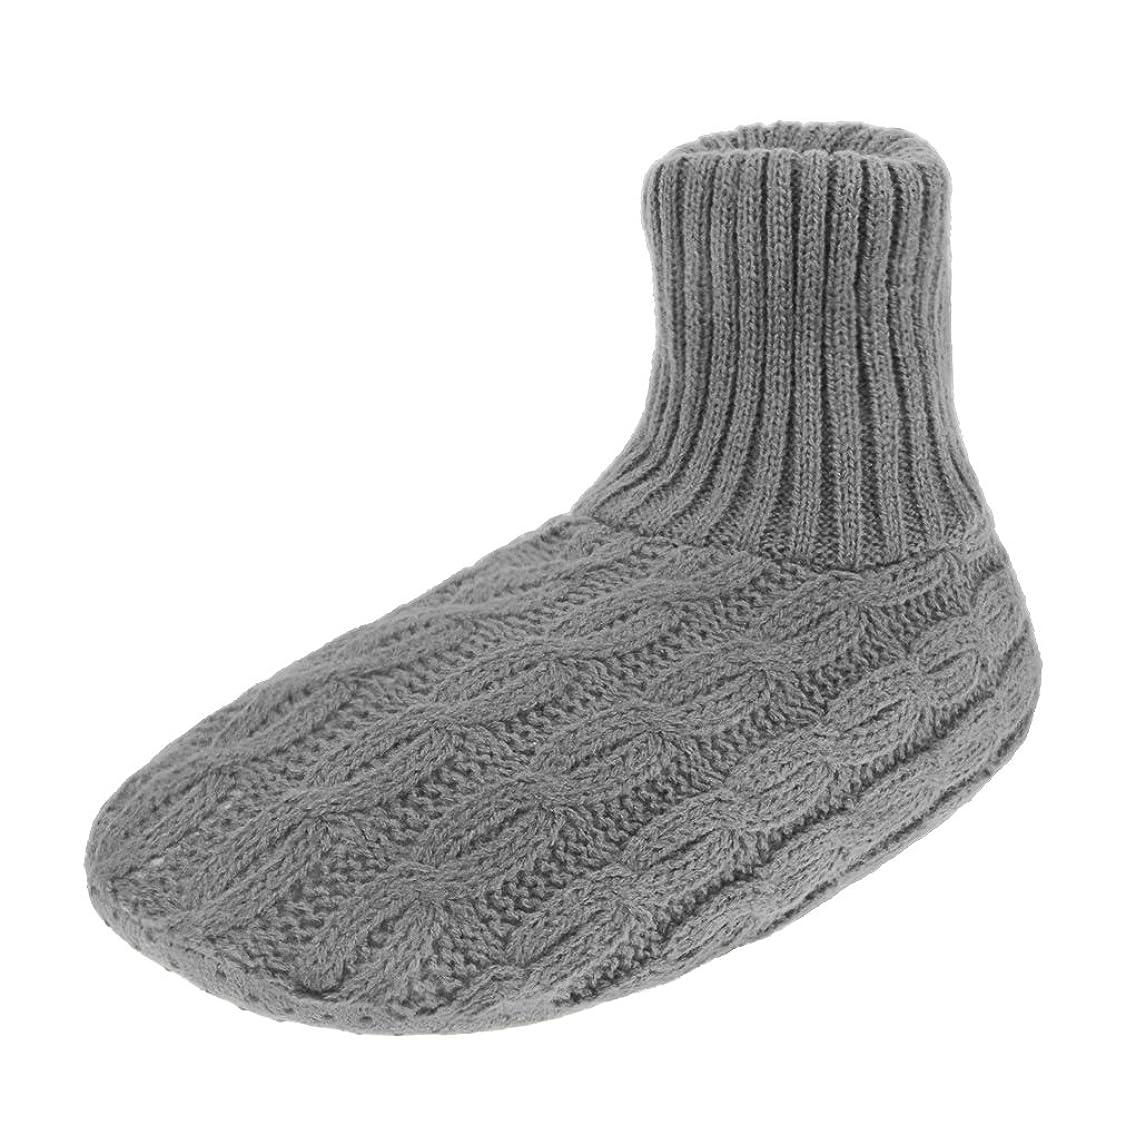 終わりくるくるささやきレディース靴下 ルームソックス 編み物 室内履き 自宅仕事用 ニット 暖かい もこもこ 寒気防止 両足温める 極厚地 柔軟 滑り止めクッション シンプル 冬 ソックス くつした ガールズ 女 女性用 成人 ジュニア 来客用